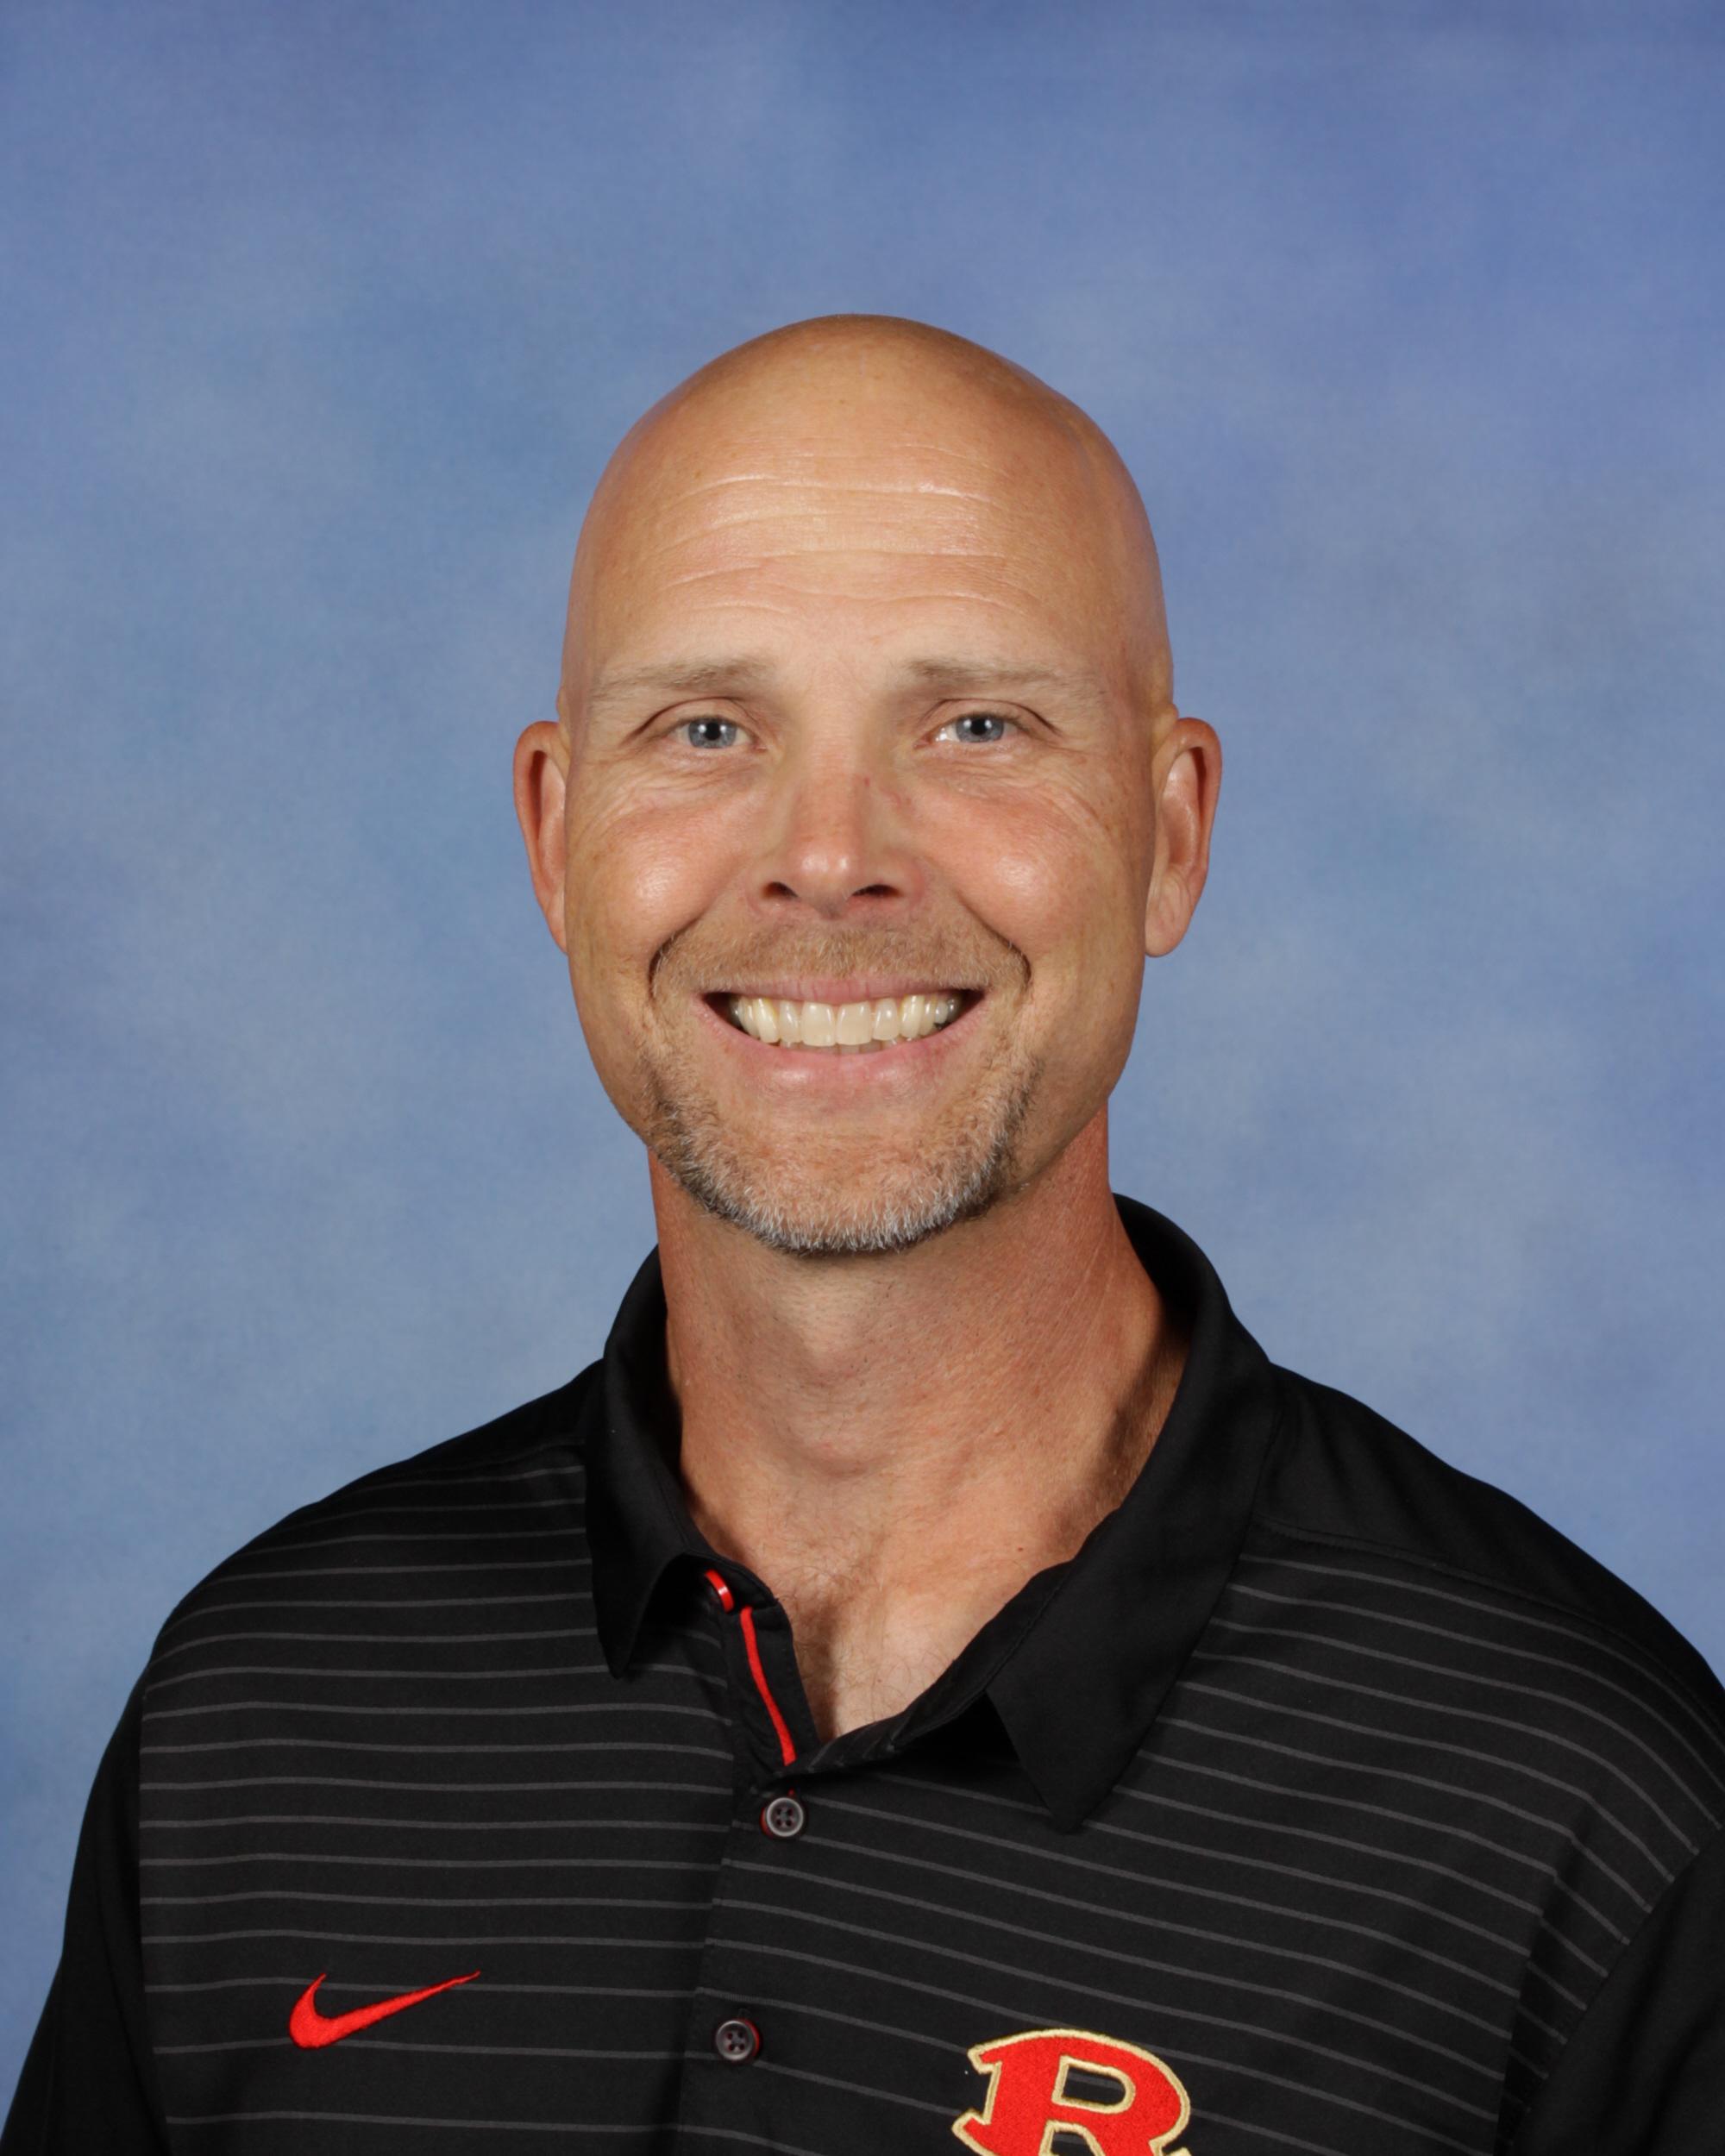 Photo of Coach Chris Boden.